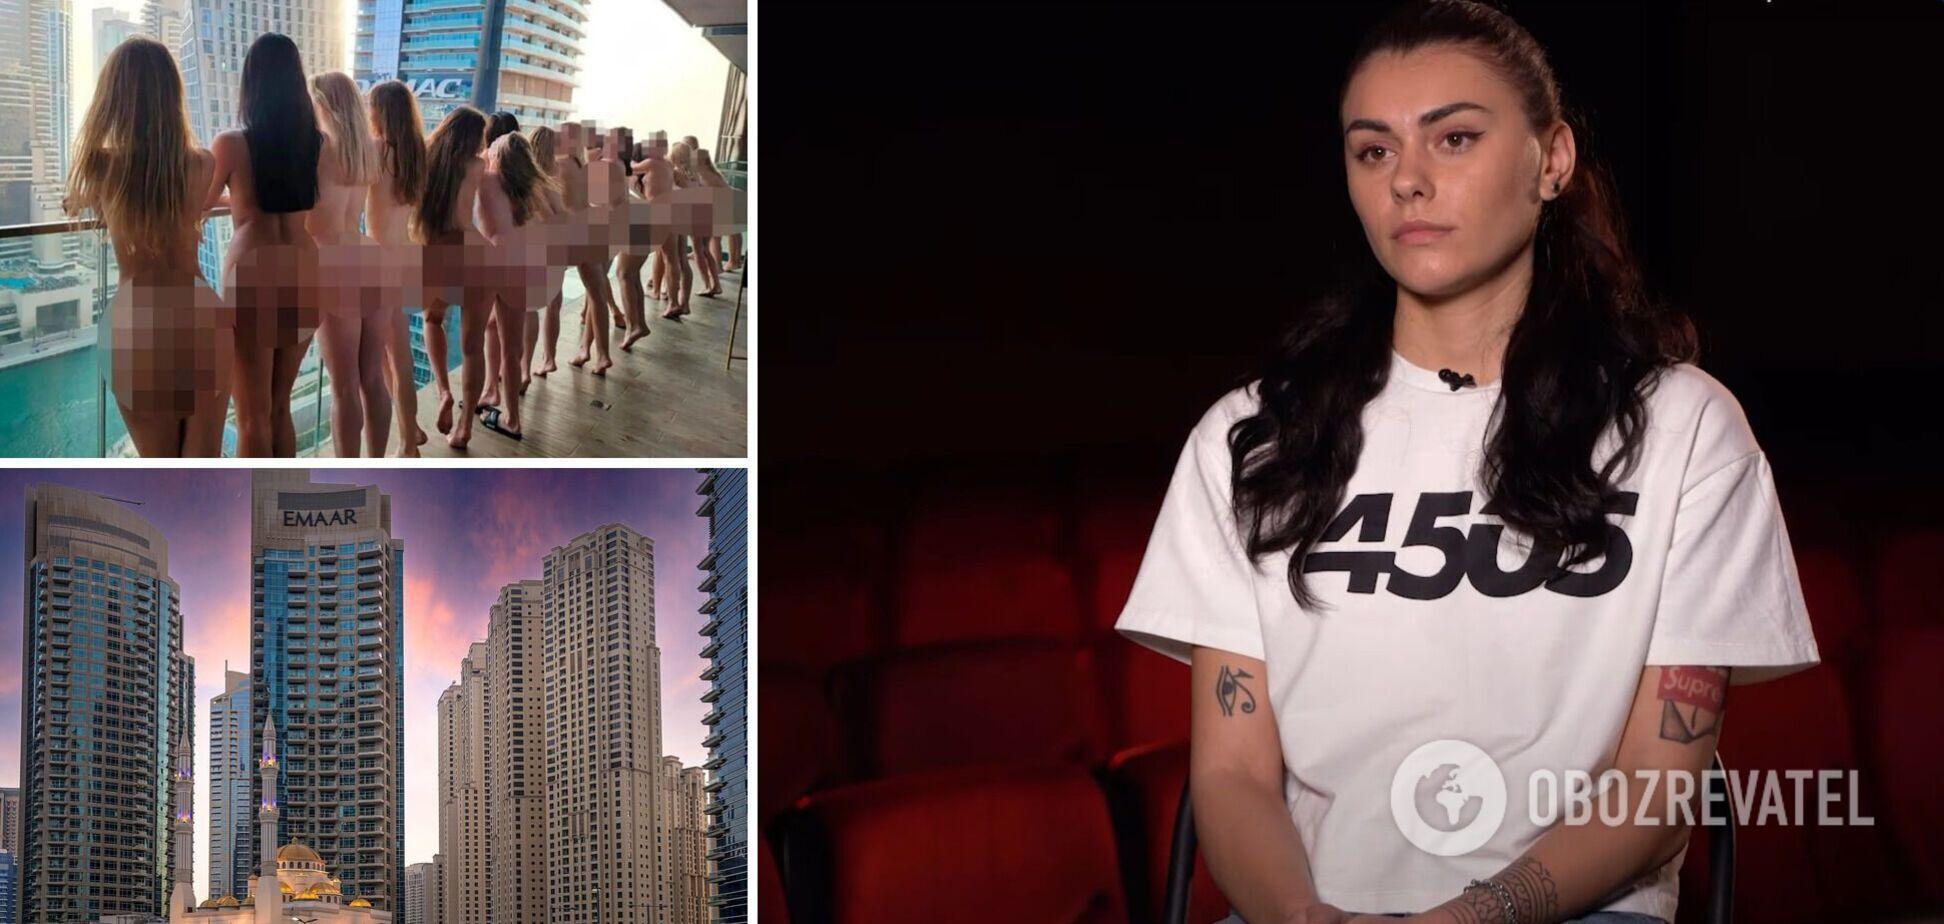 Участница голой фотосессии в Дубае заявила об изнасиловании после скандала. Видео